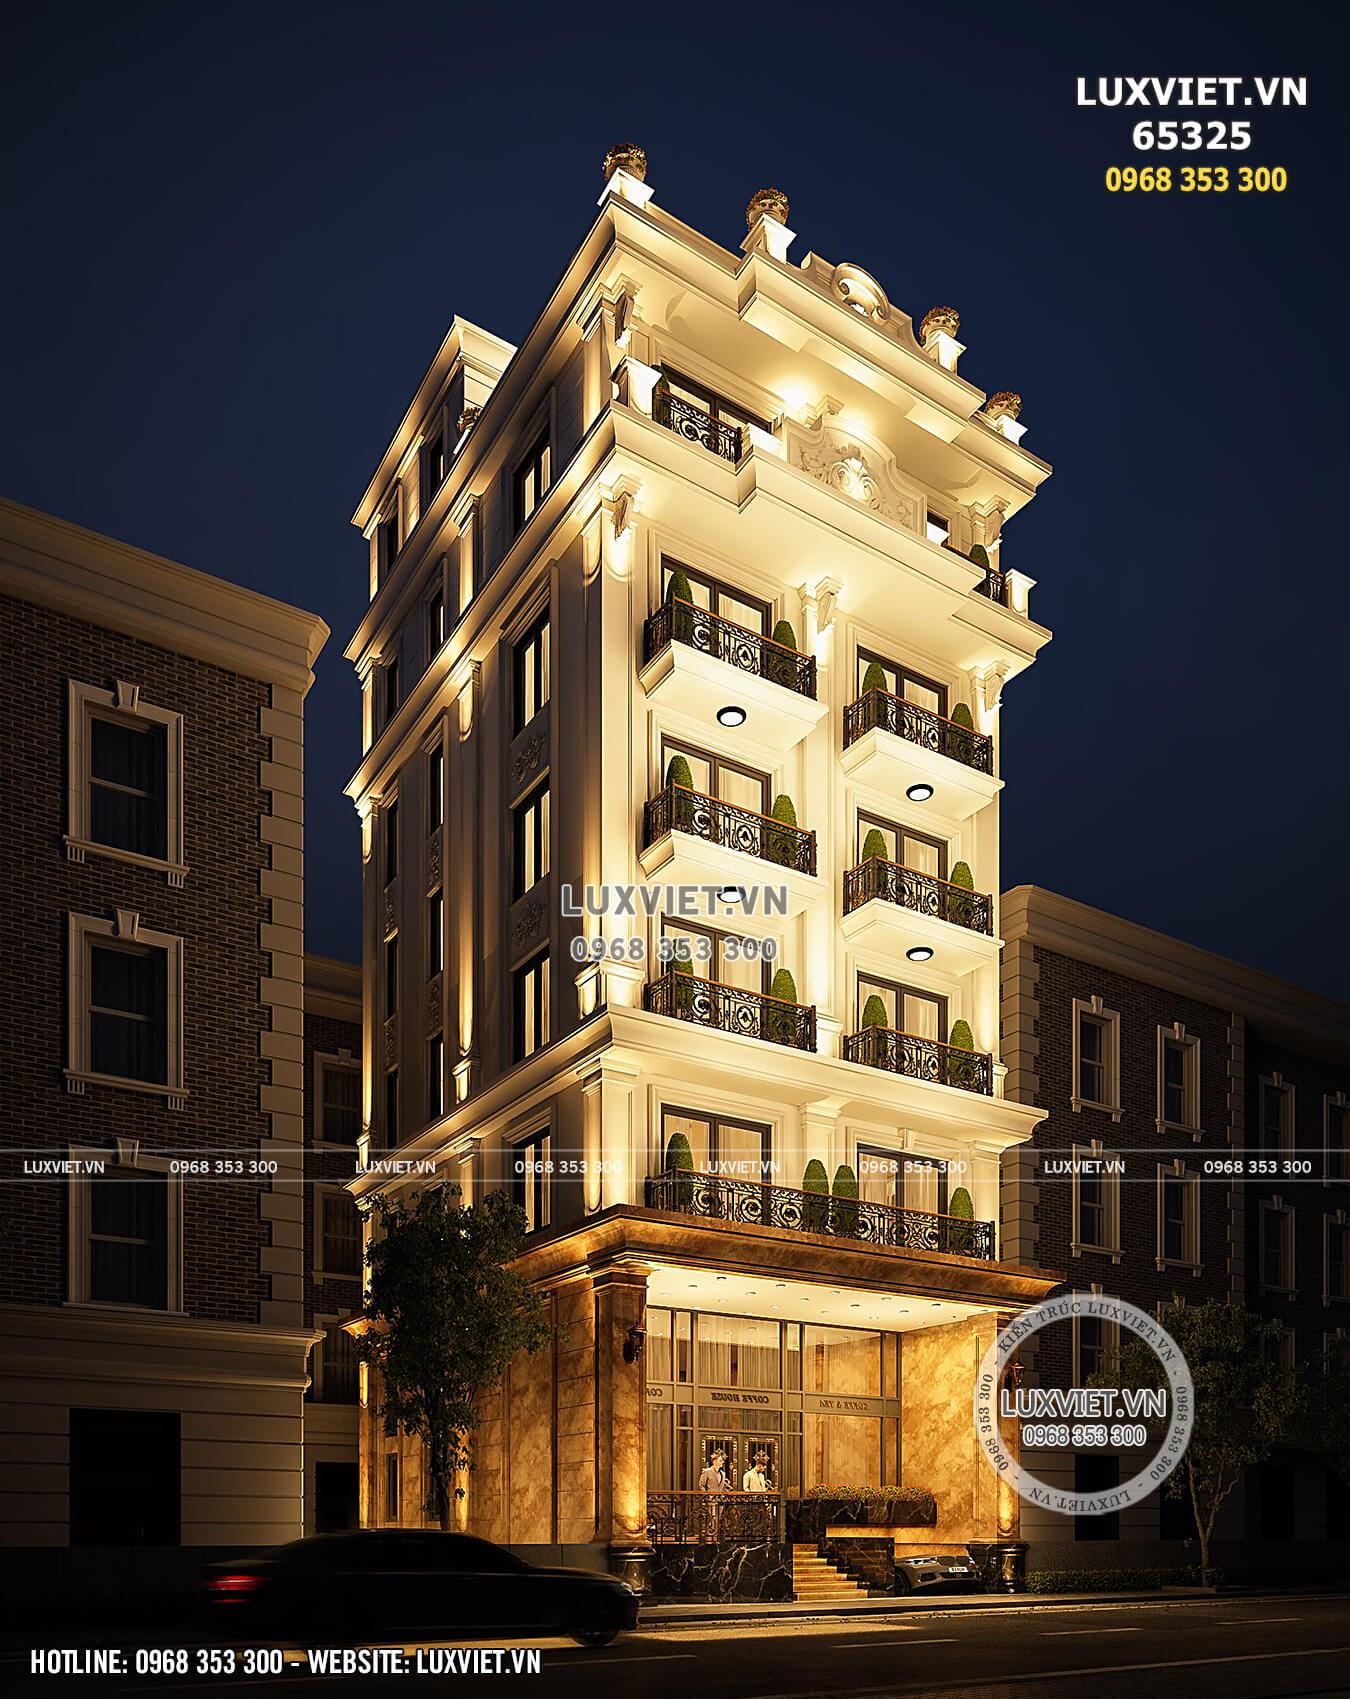 Hình ảnh: Vẻ đẹp kiến trúc nổi bật và vươn tầm thế giới - LV 65325